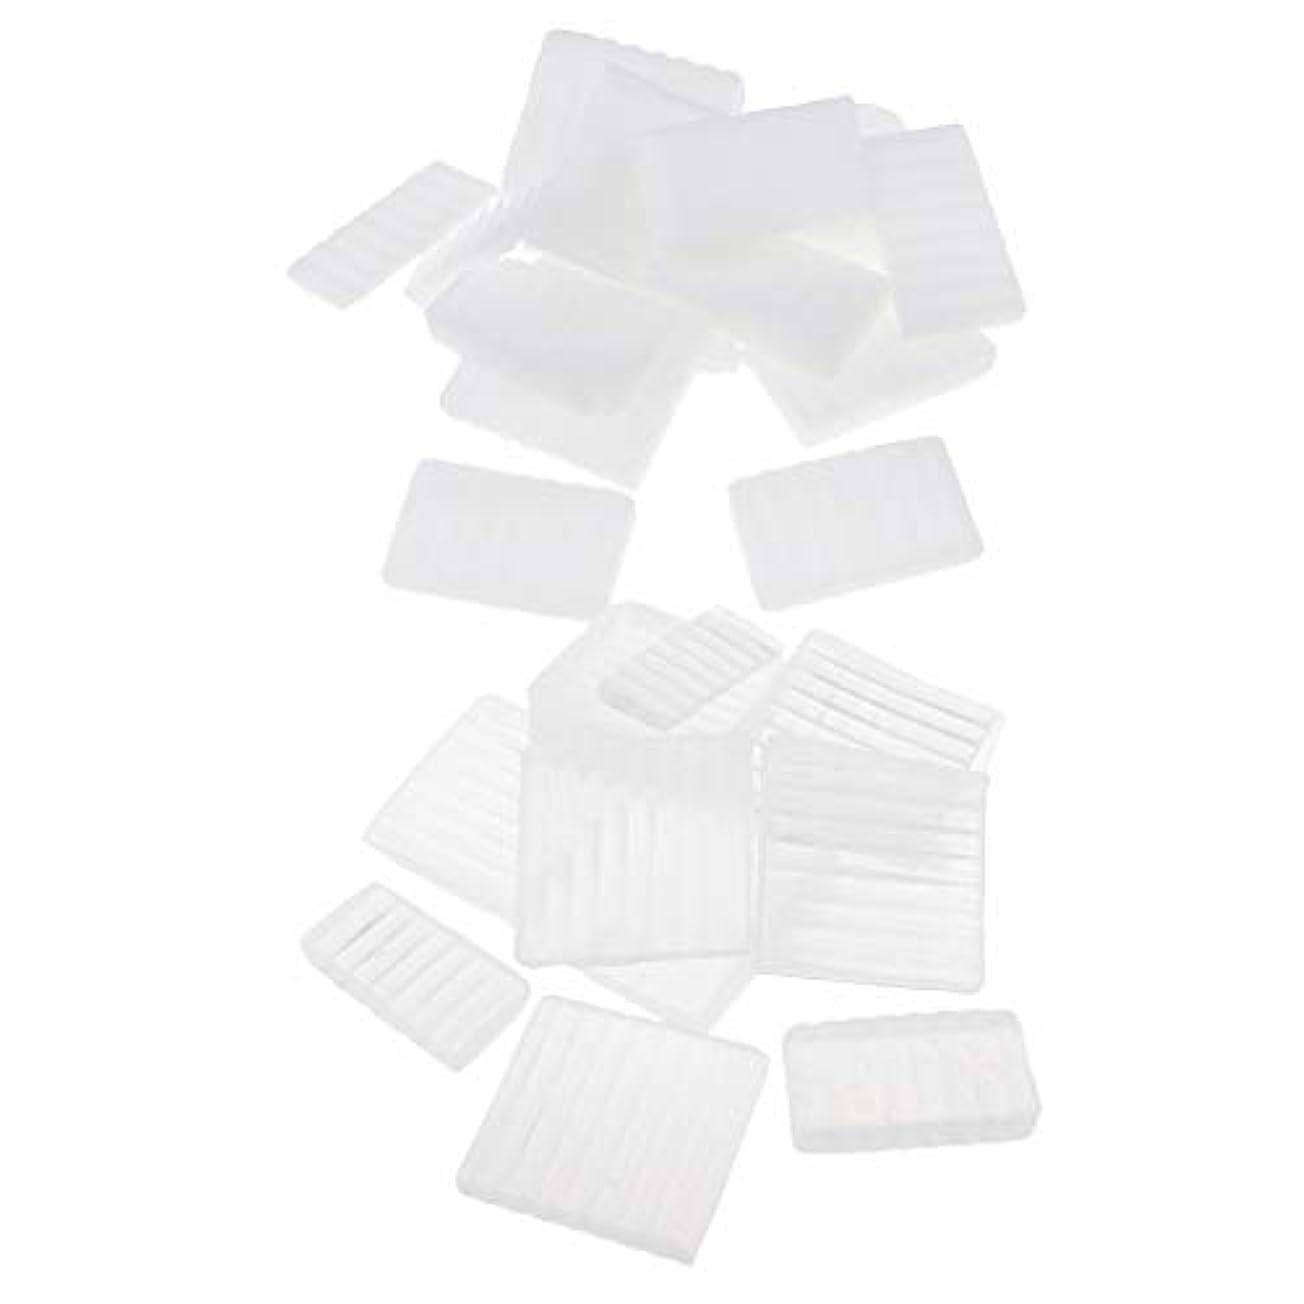 アイザックマーティフィールディング君主dailymall 石鹸ベース ソープメイキング素材 ソープ グリセリンソープ ハンドメイド 石鹸材料